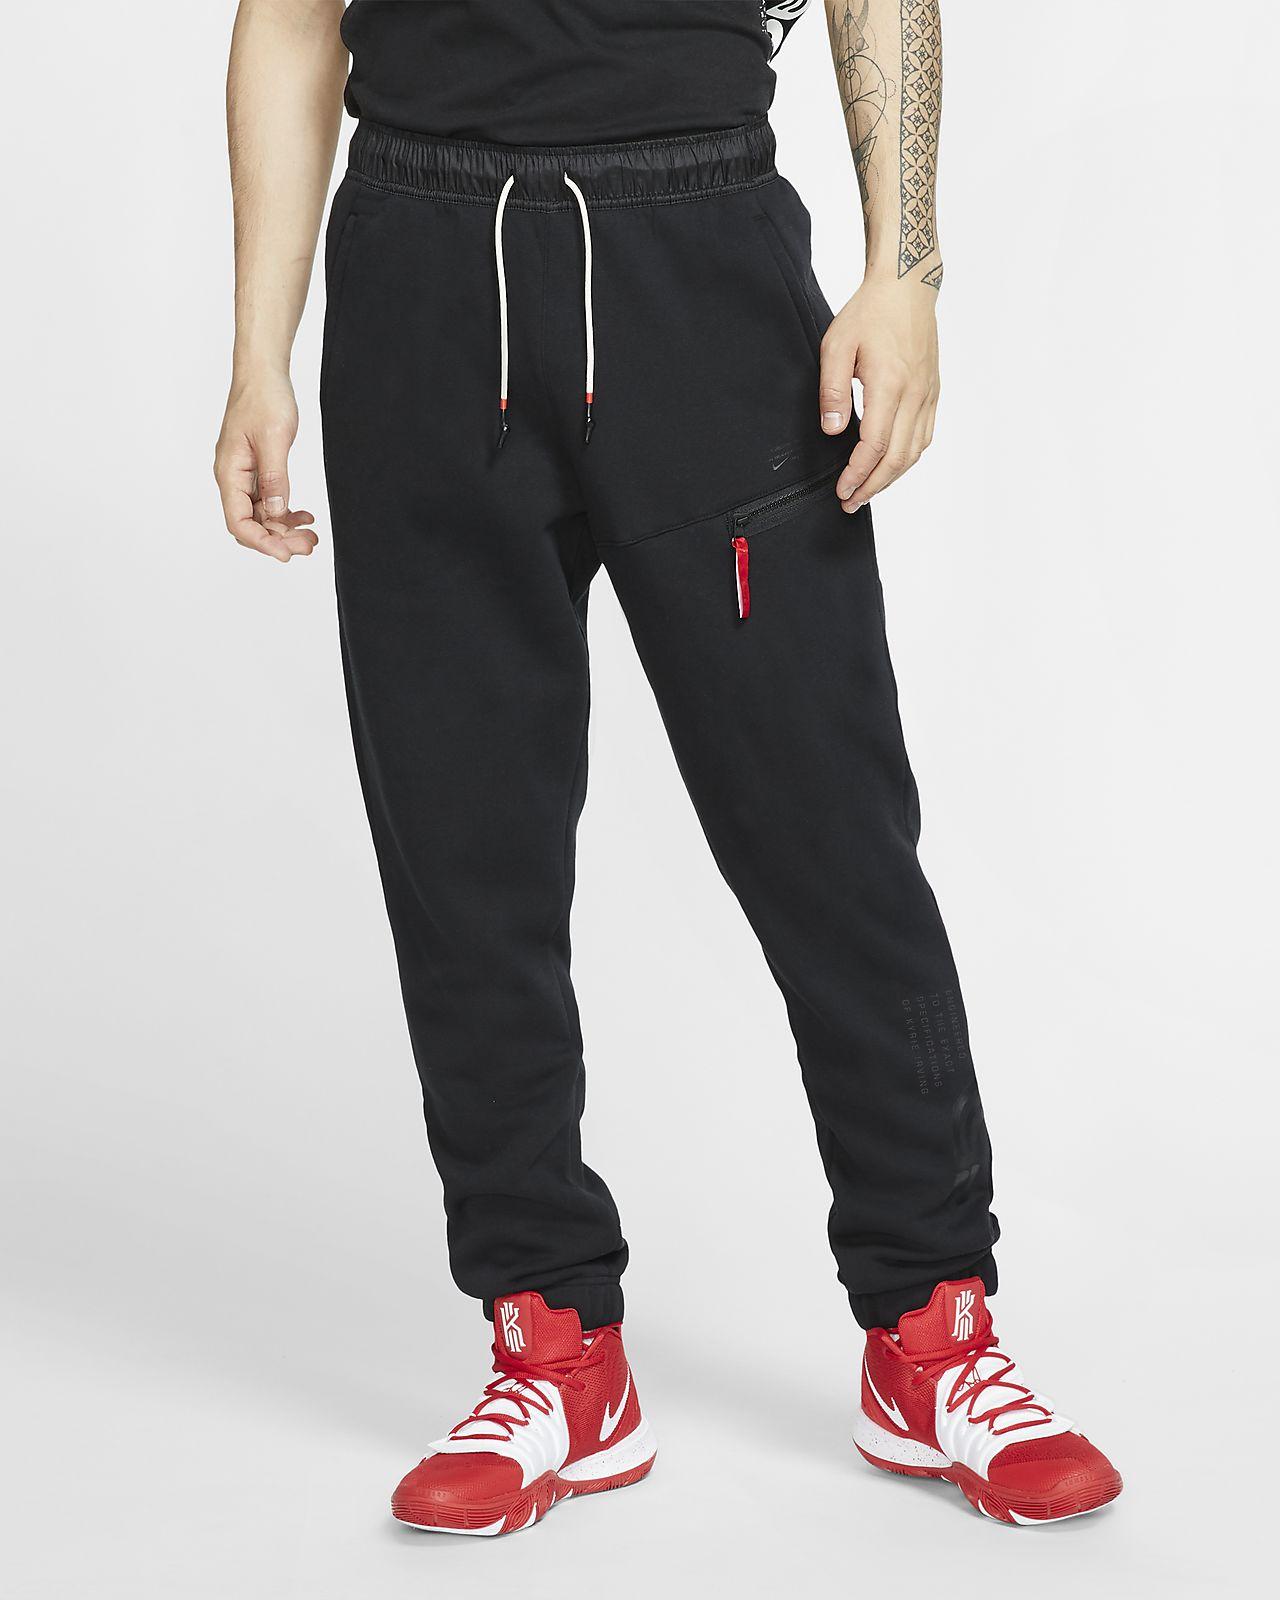 Men/'s Athletic Heavyweight 3 Pocket Fleece Sweatpants Authentic Sportswear